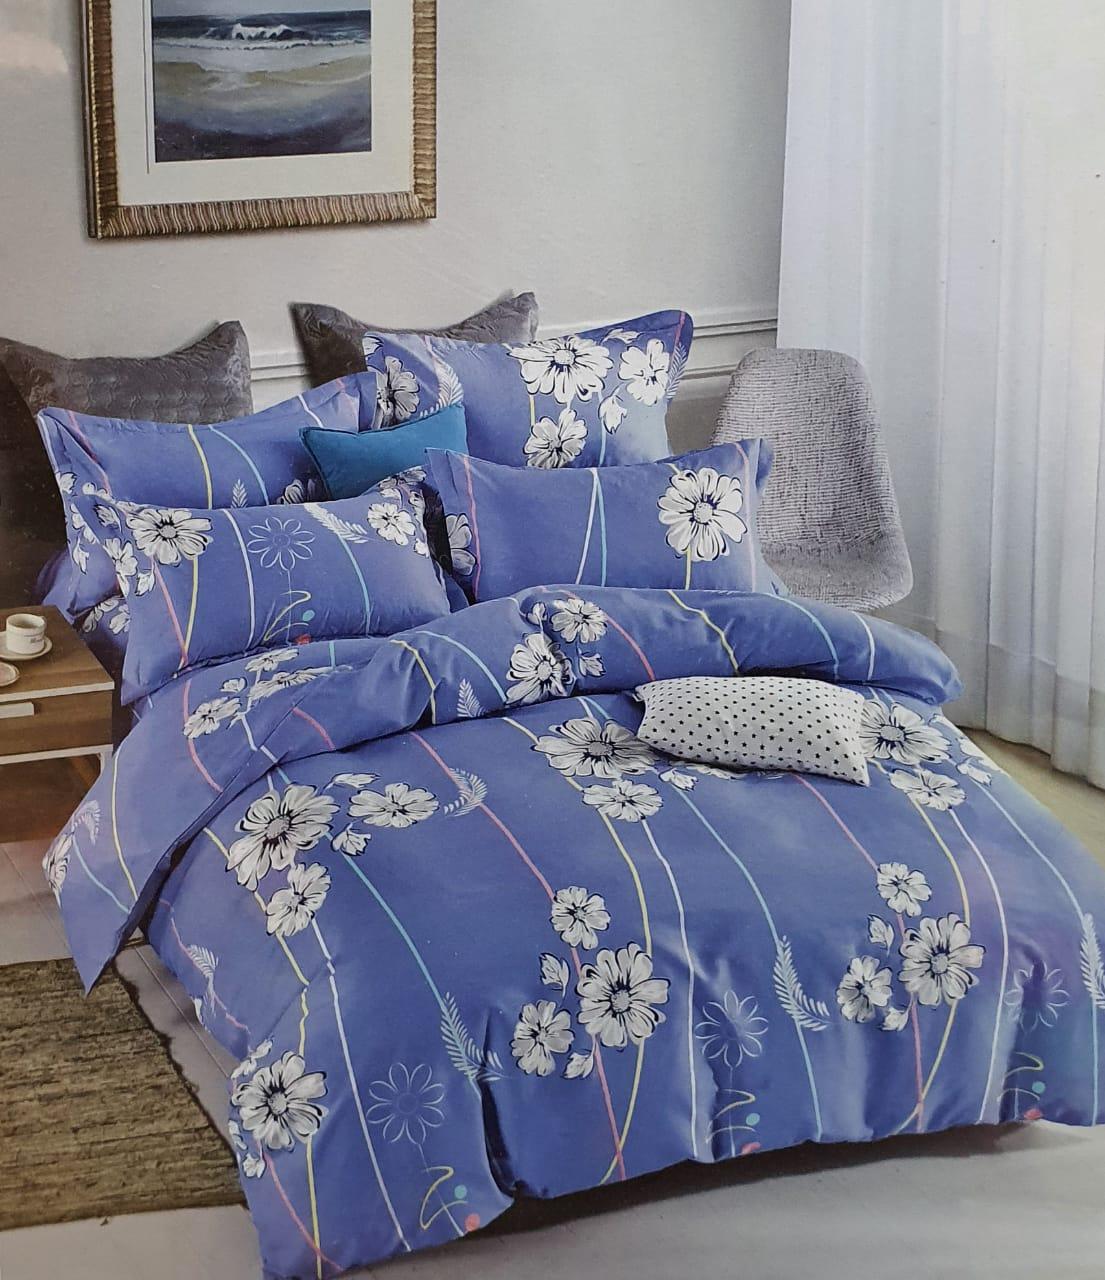 King size bedsheet set 11